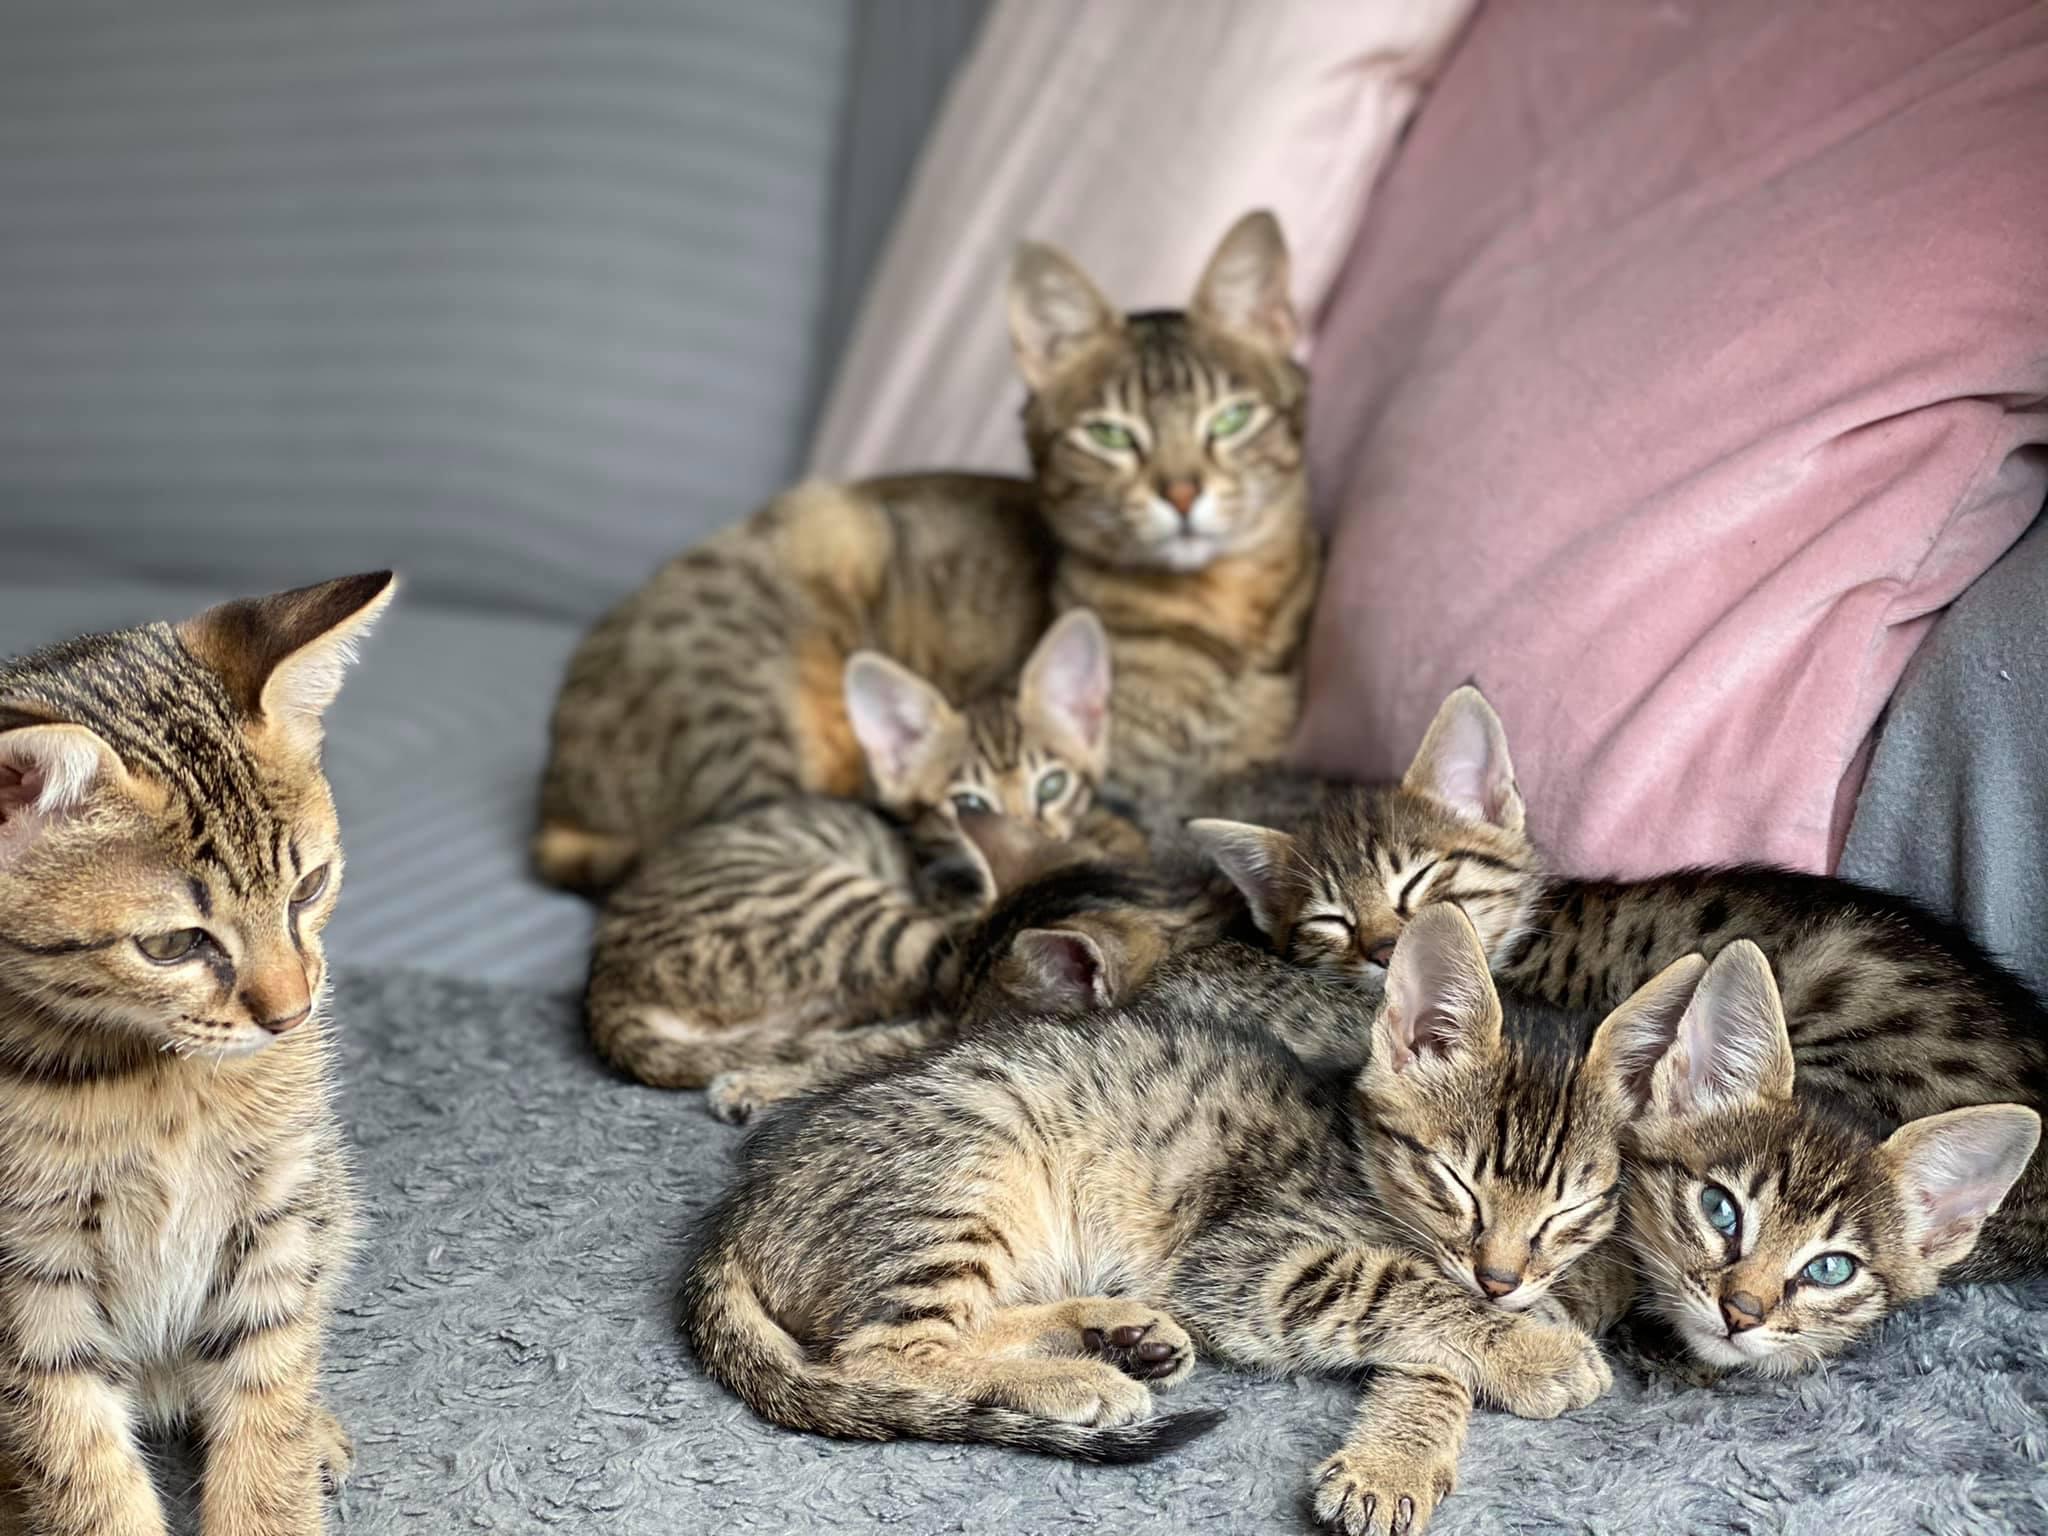 Savannah kittens